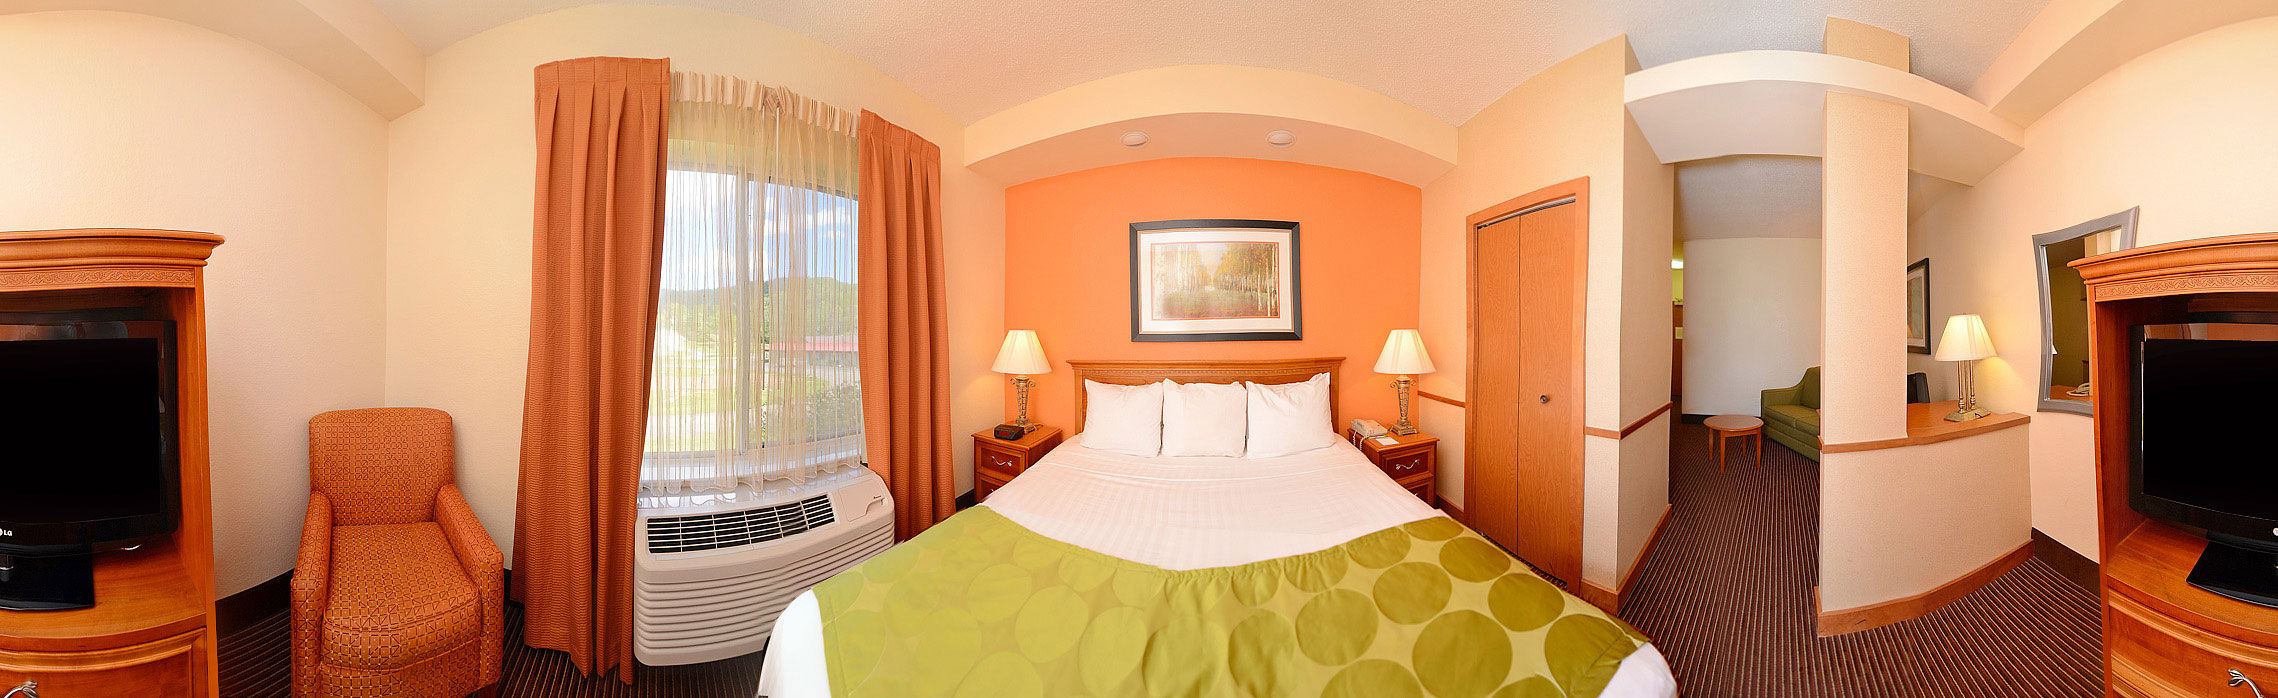 Fairfield Inn & Suites by Marriott Cherokee image 3